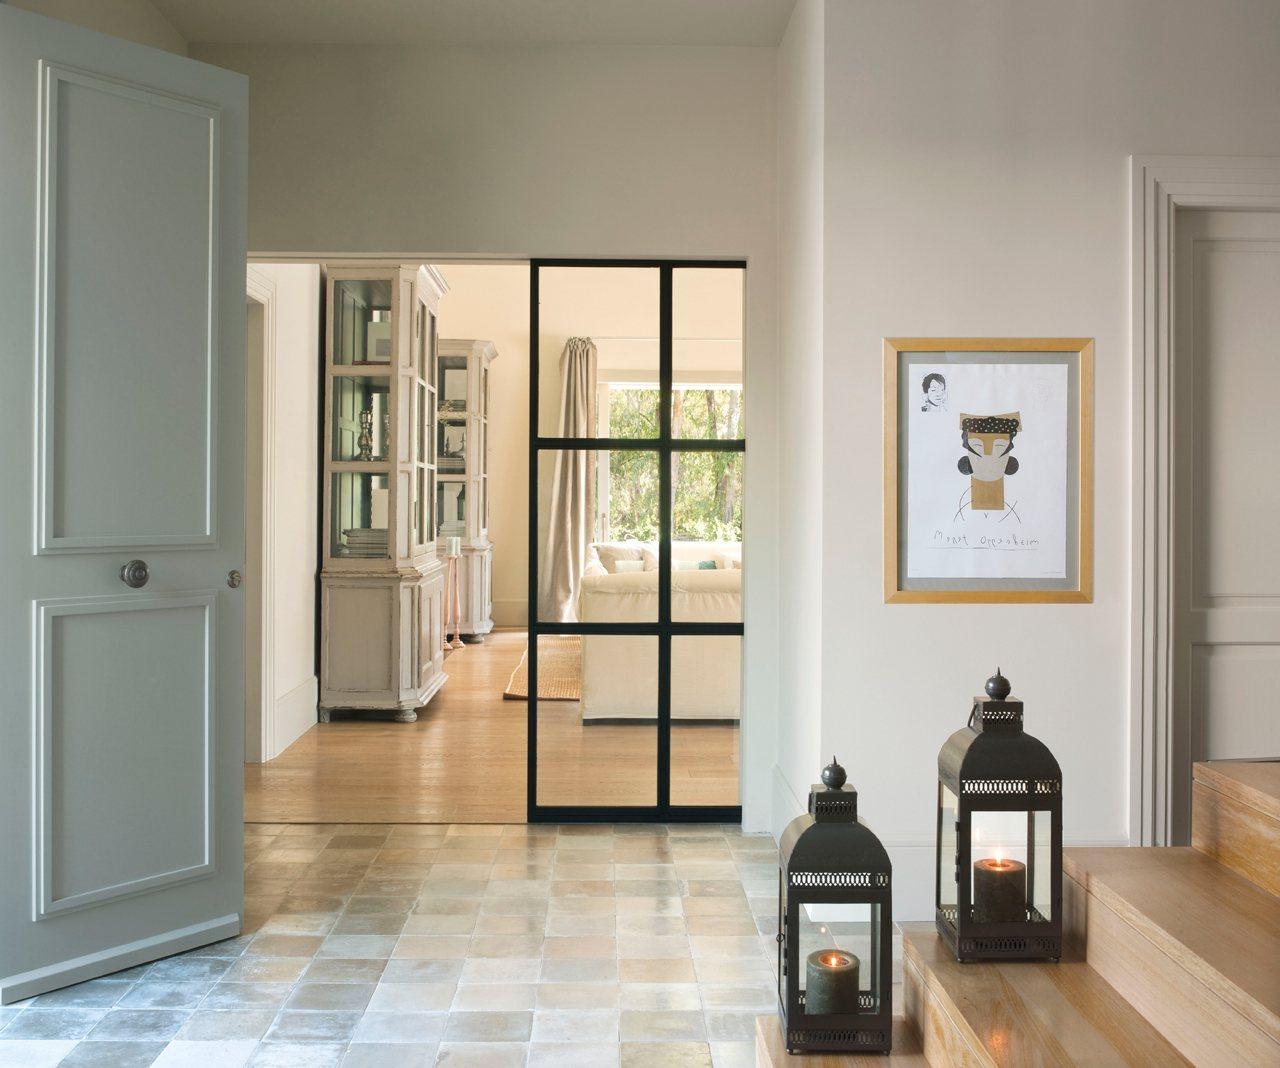 Instala paredes de cristal y gana luz y amplitud en casa - Decorar cristales de puertas ...